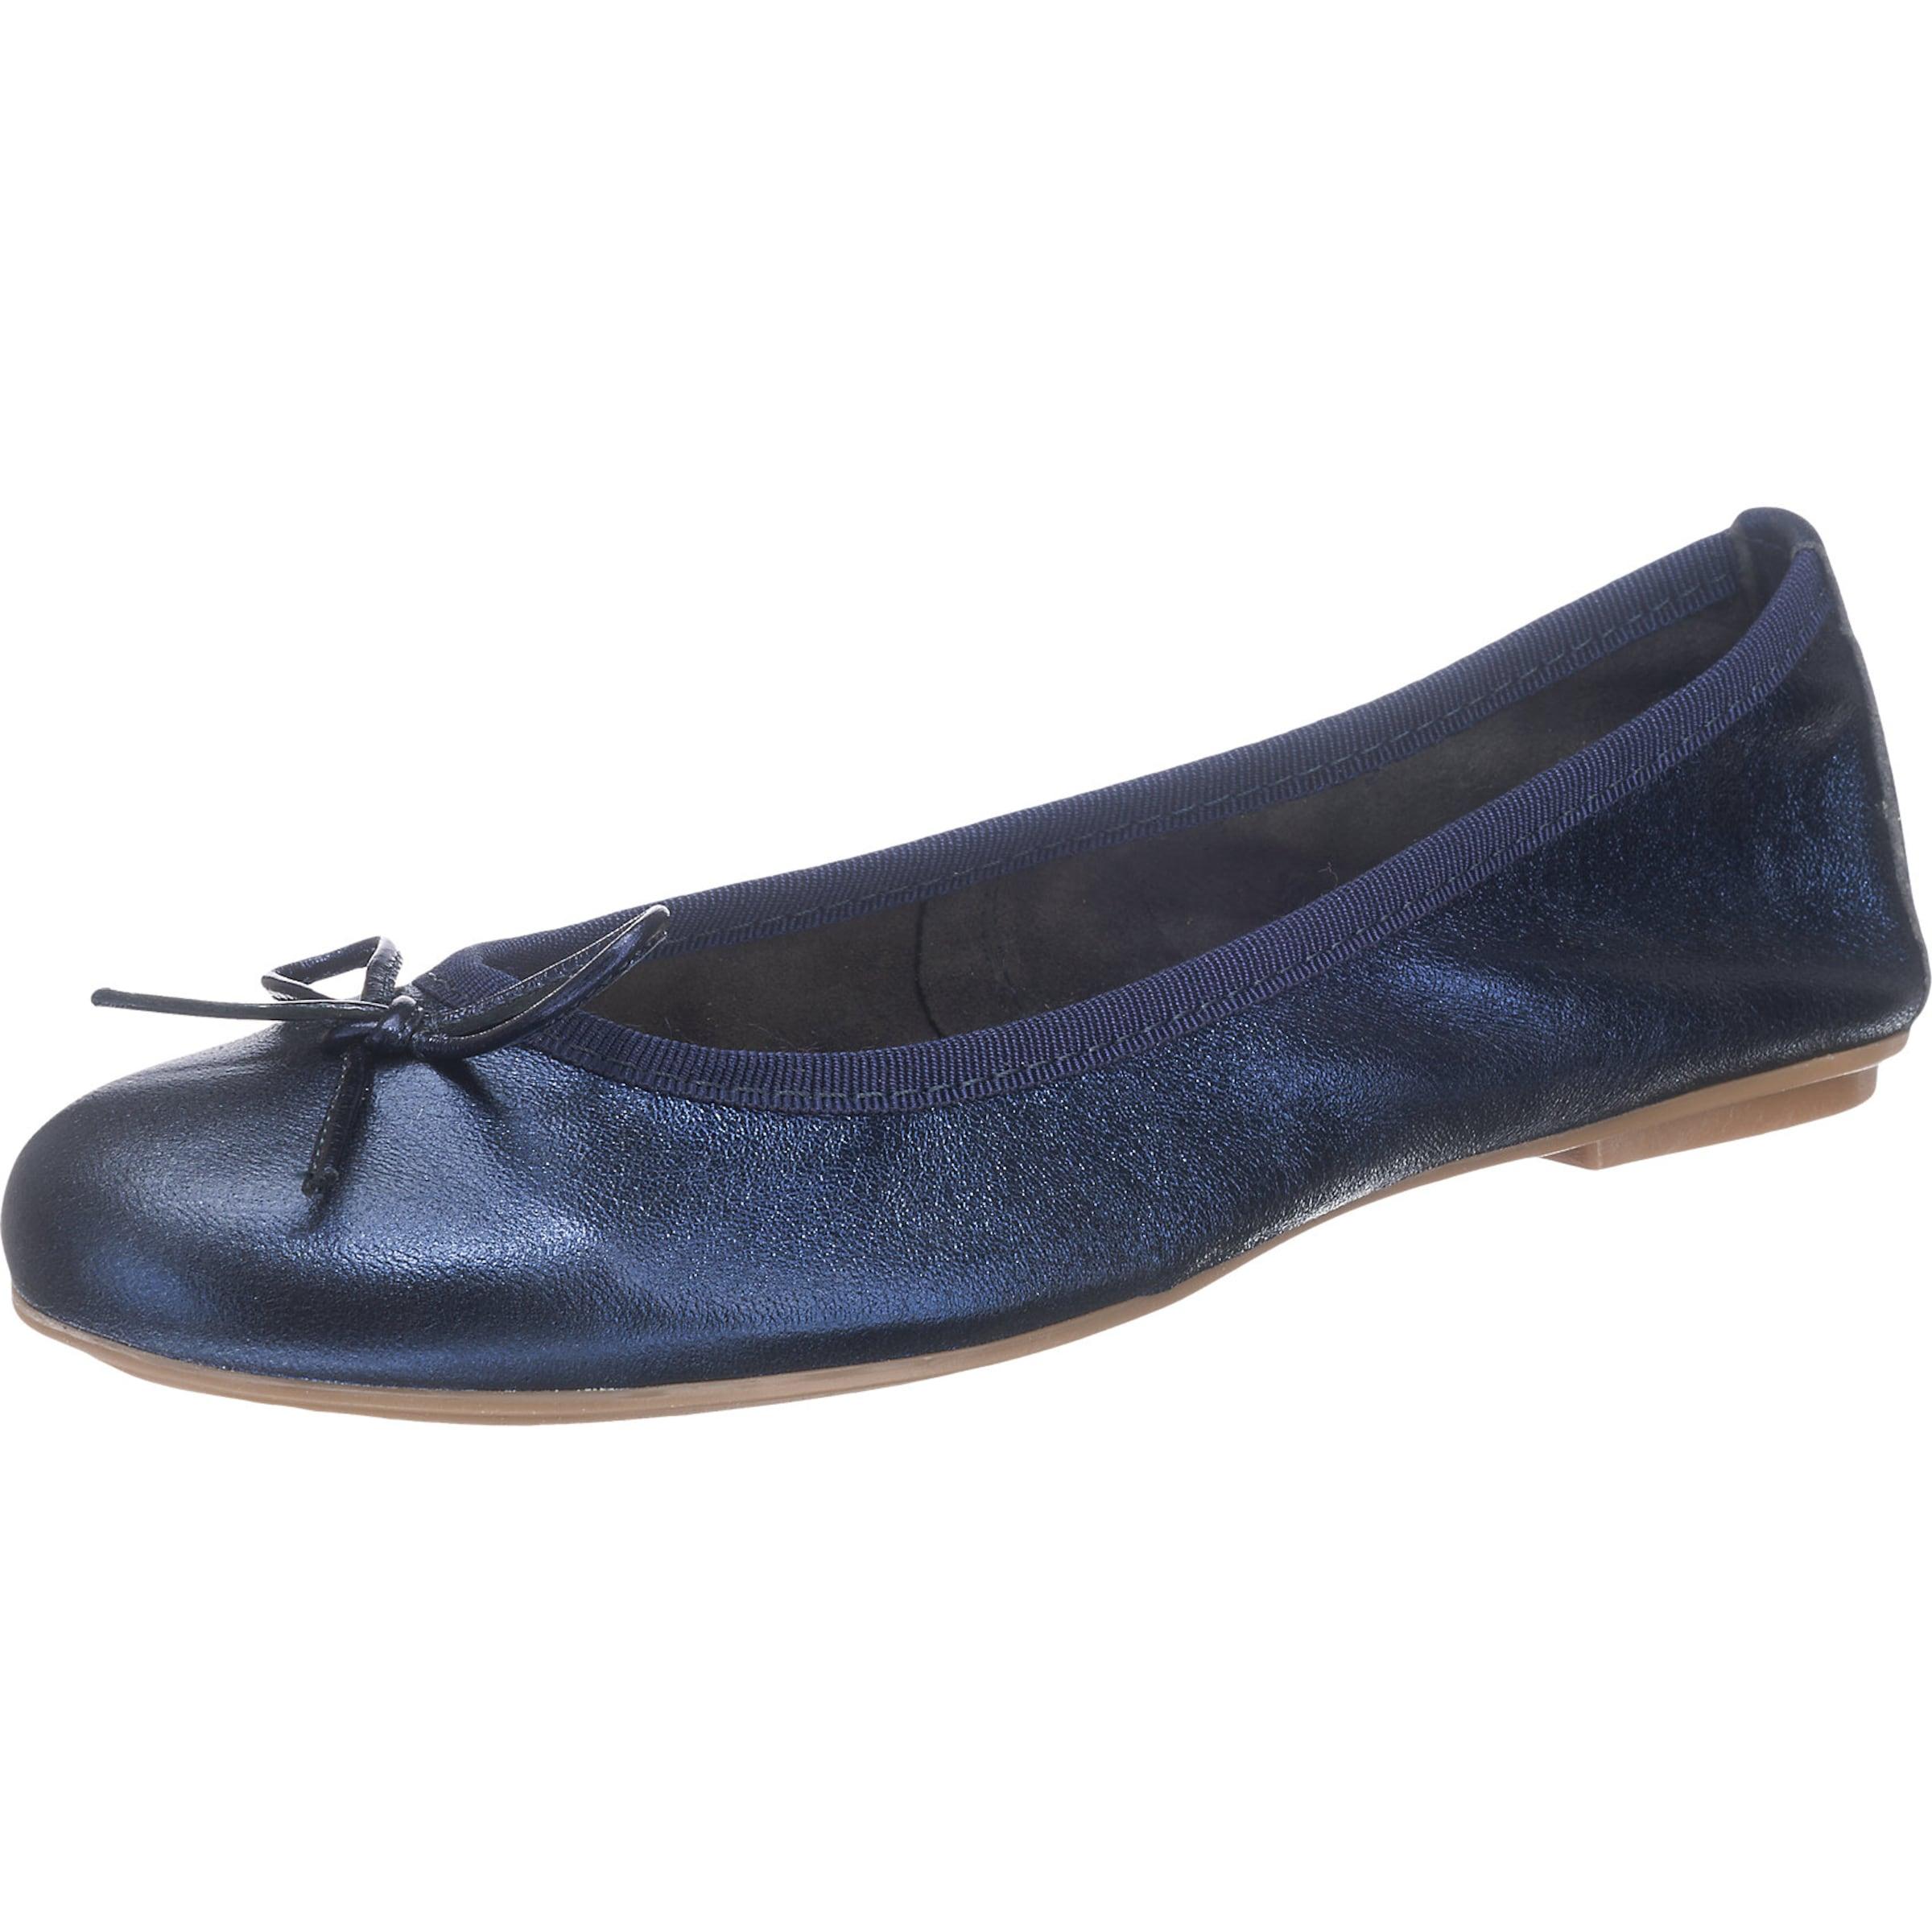 TAMARIS Ballerinas Vera Verschleißfeste billige Schuhe